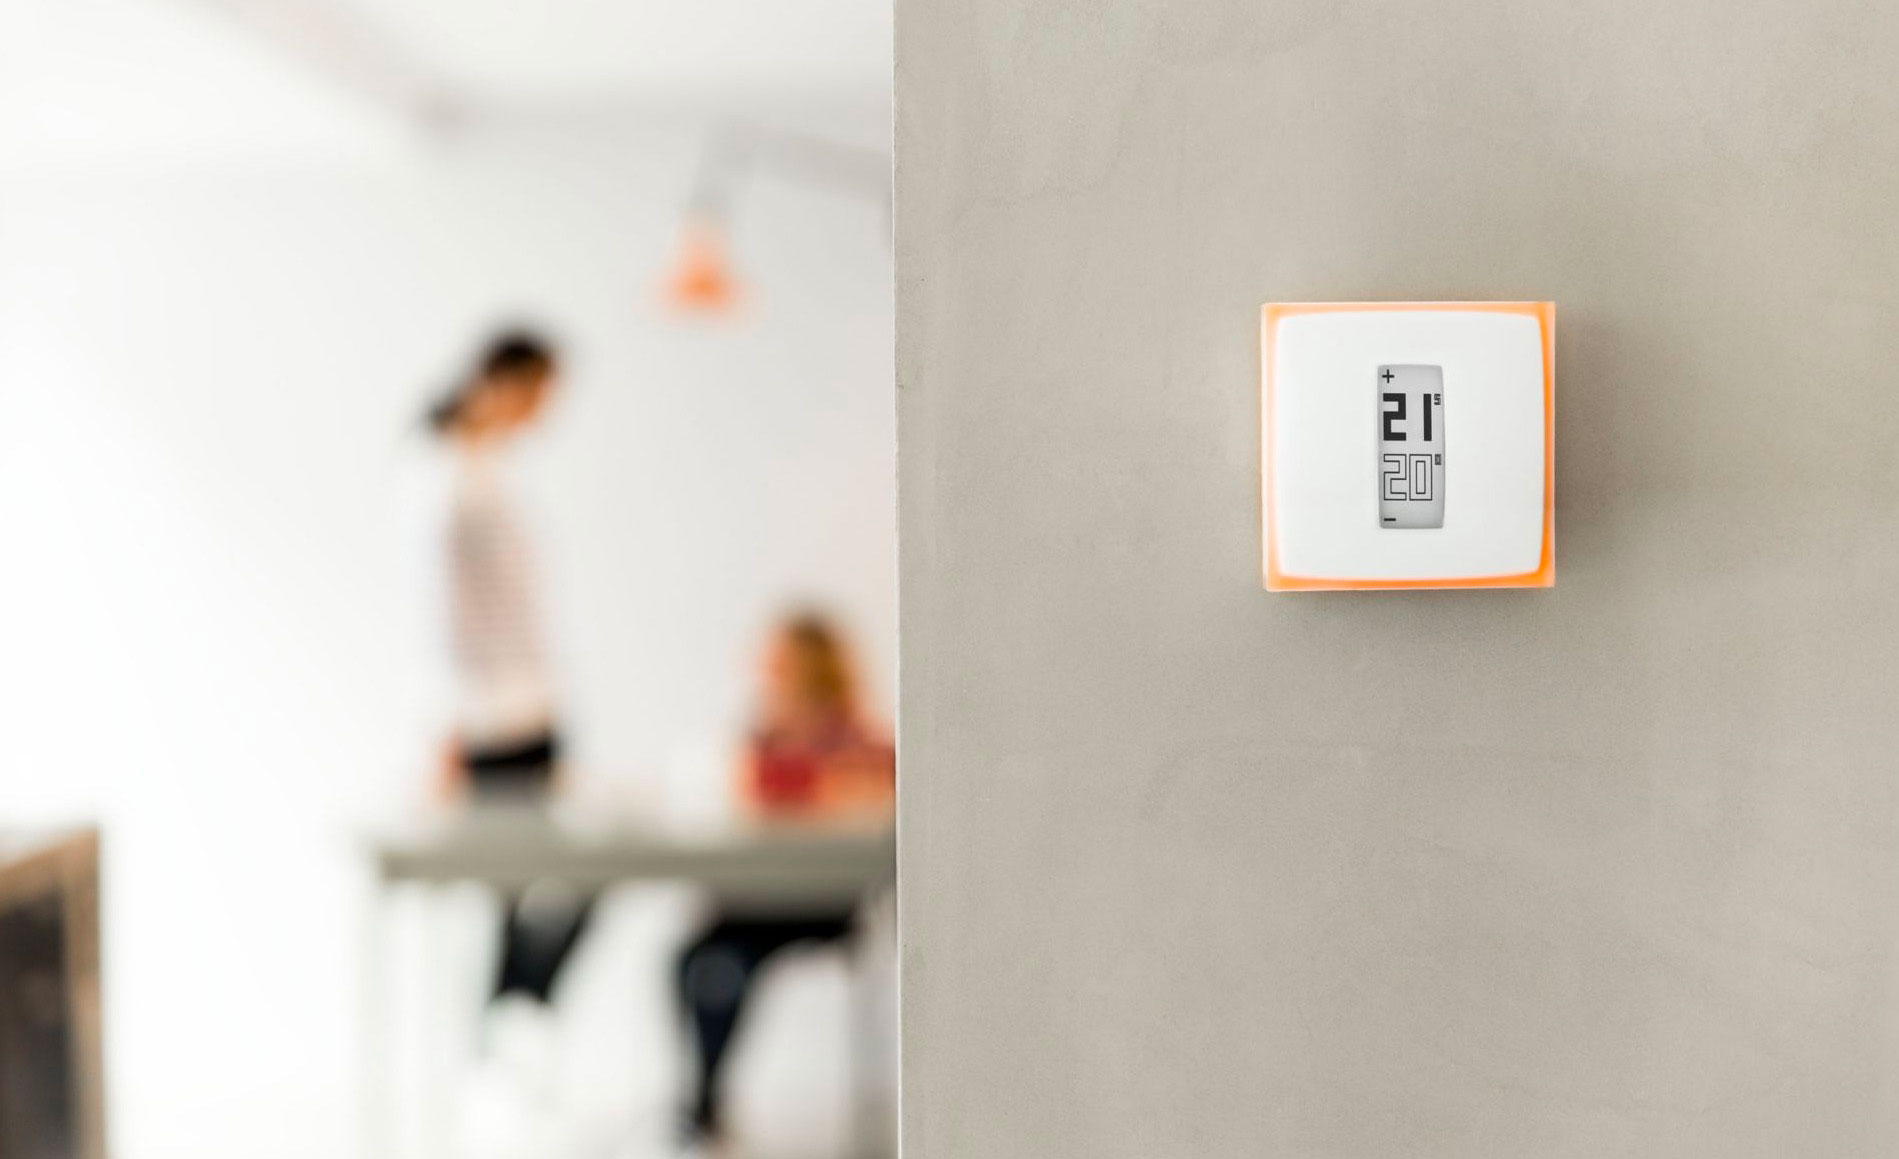 Le thermostat connecté de Netatmo est en promo